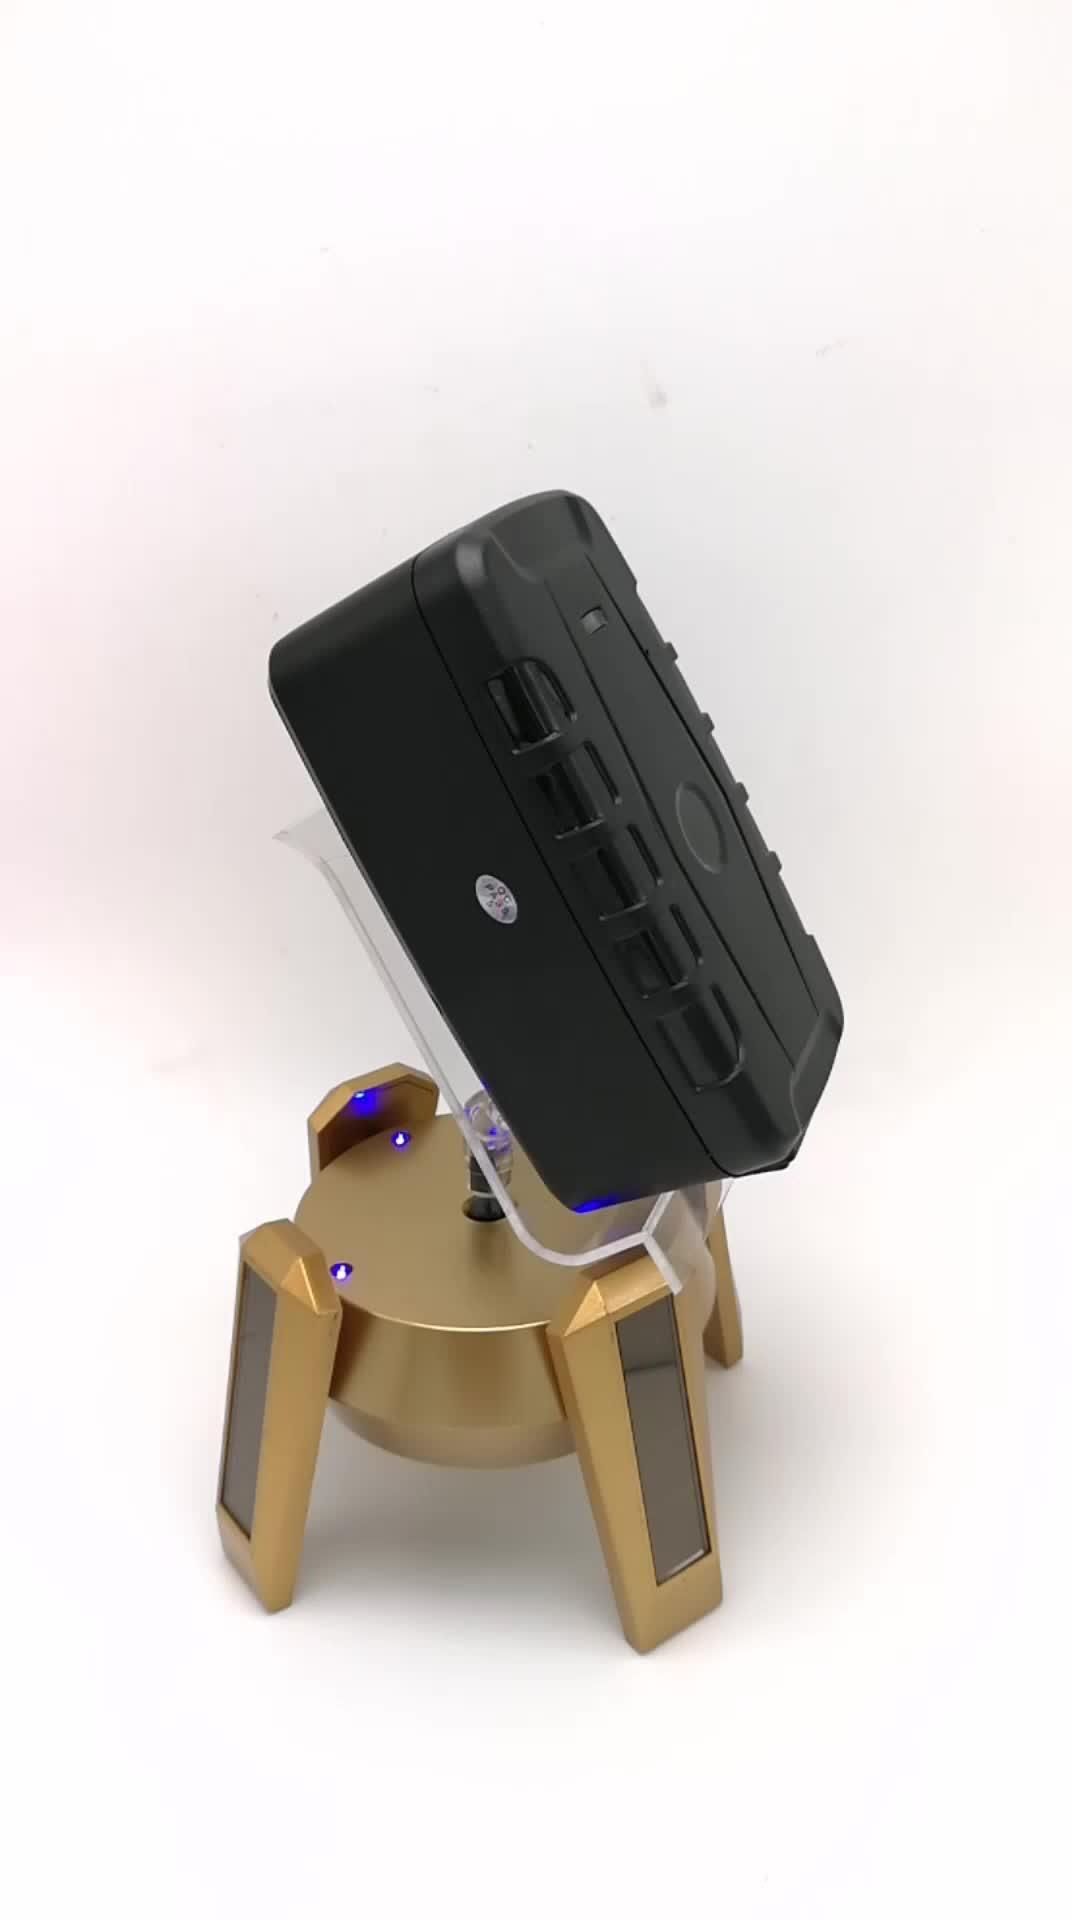 Super lange akkulaufzeit magnetischen und wasserdicht und anti jammer lk209C-3G gps tracker für fahrzeug/auto